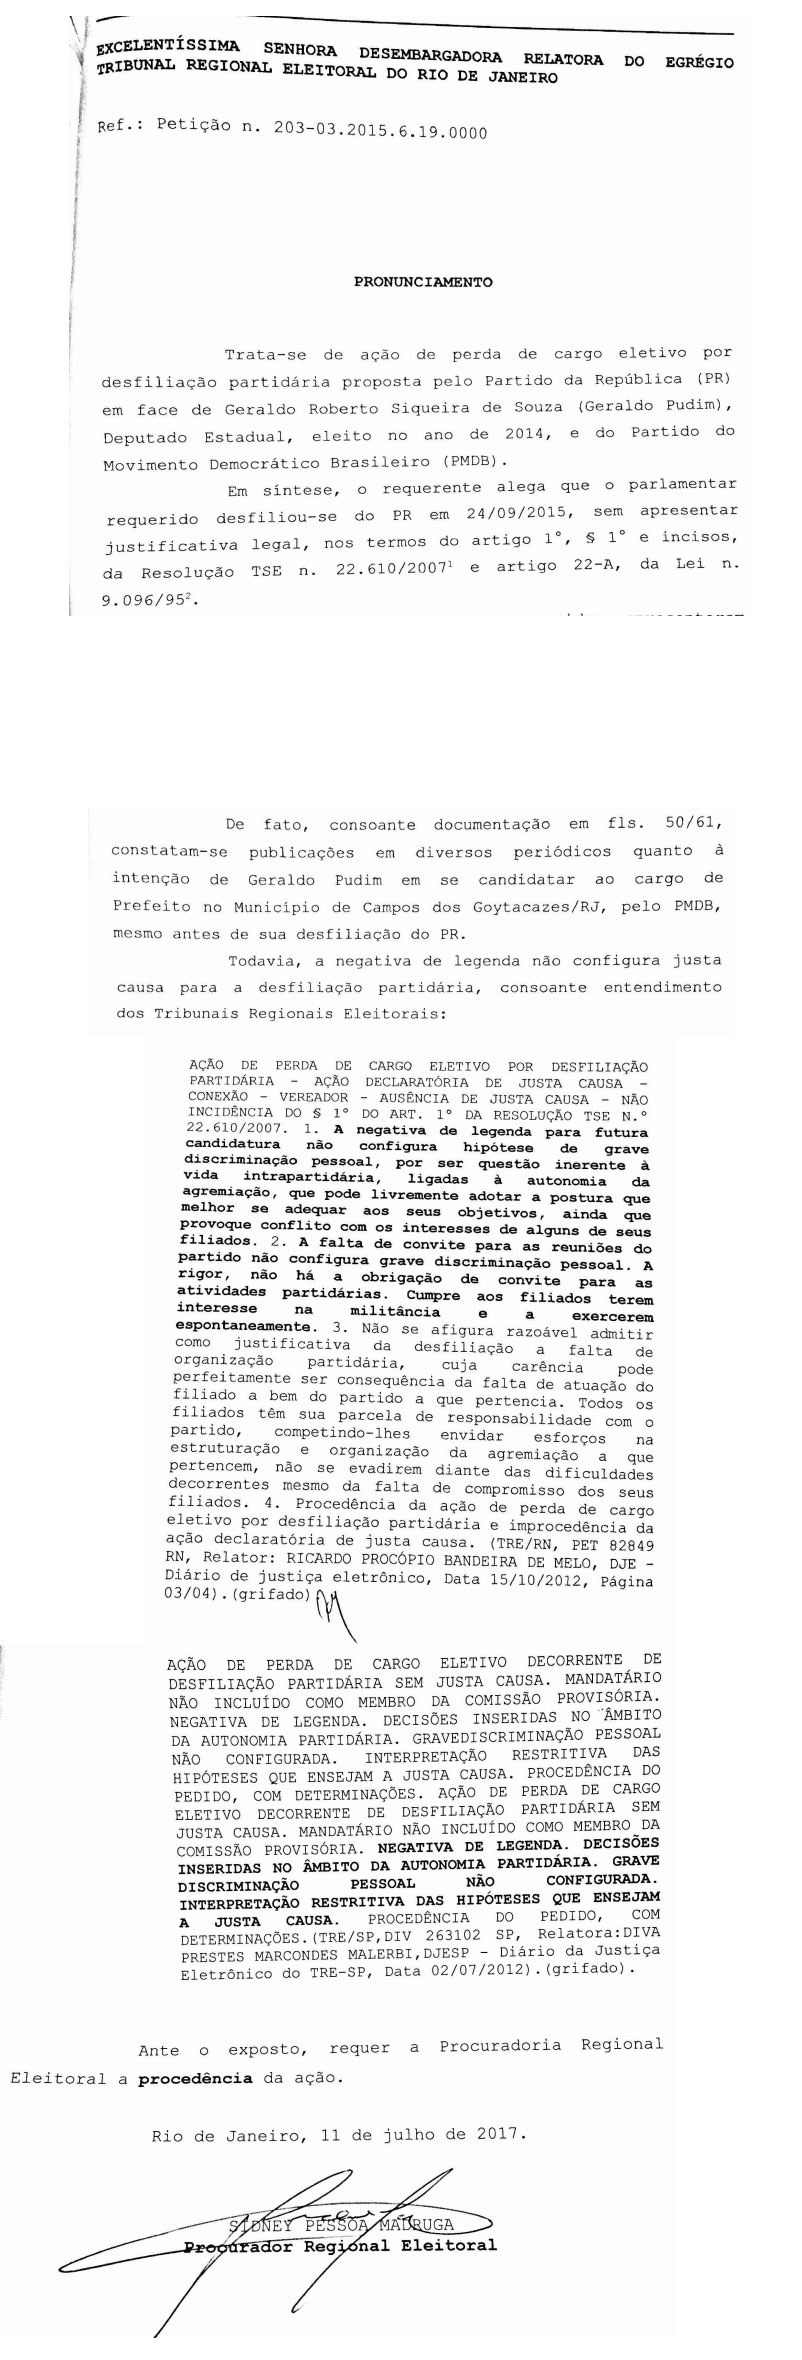 Apresentação do processo e parecer do Ministério Público Eleitoral pela perda de mandato de Geraldo Pudim